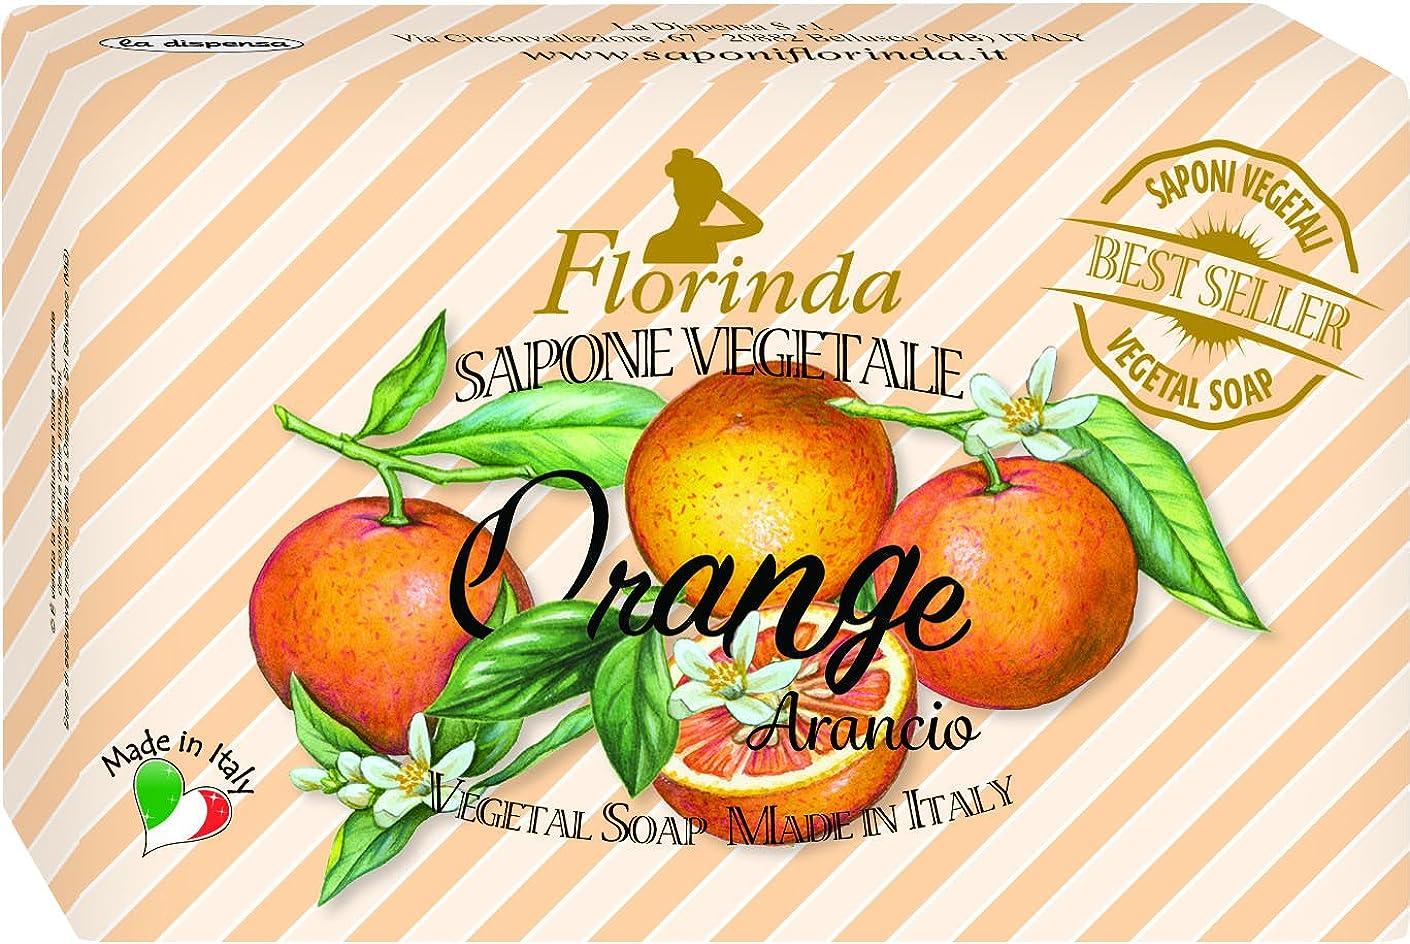 煙強調金属フレグランスソープ ベストセラーシリーズ オレンジ